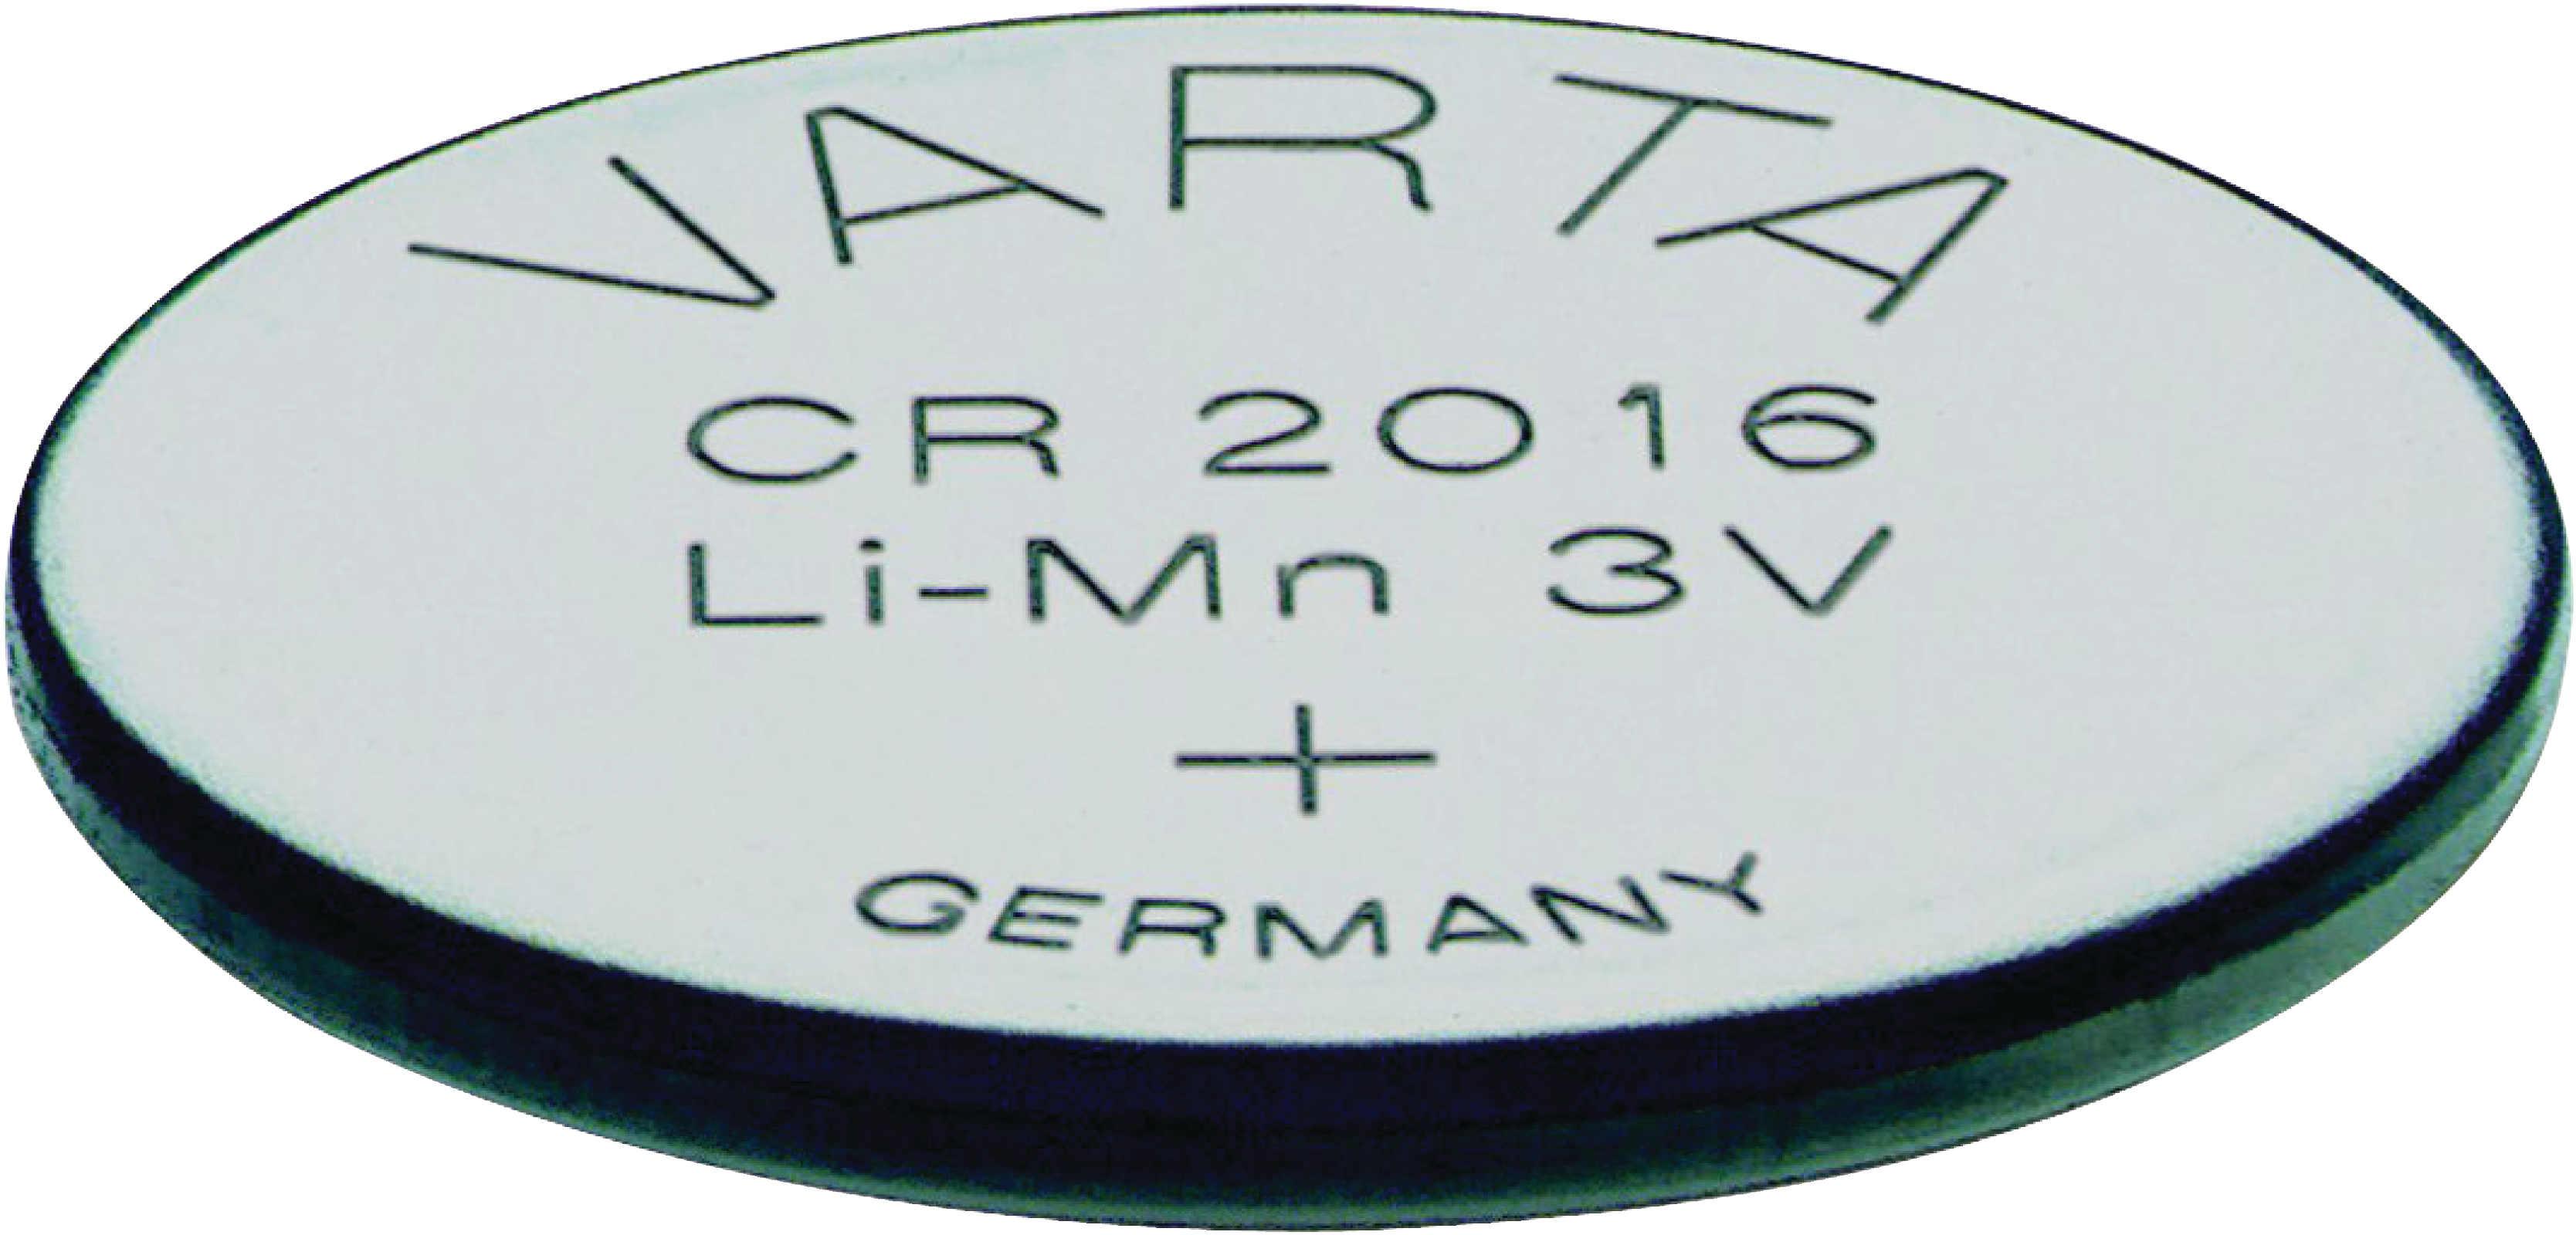 3x CR2016 Lithium Knopfzelle 3V DL2016 DURACELL je 1x 1er-//2er-Blister